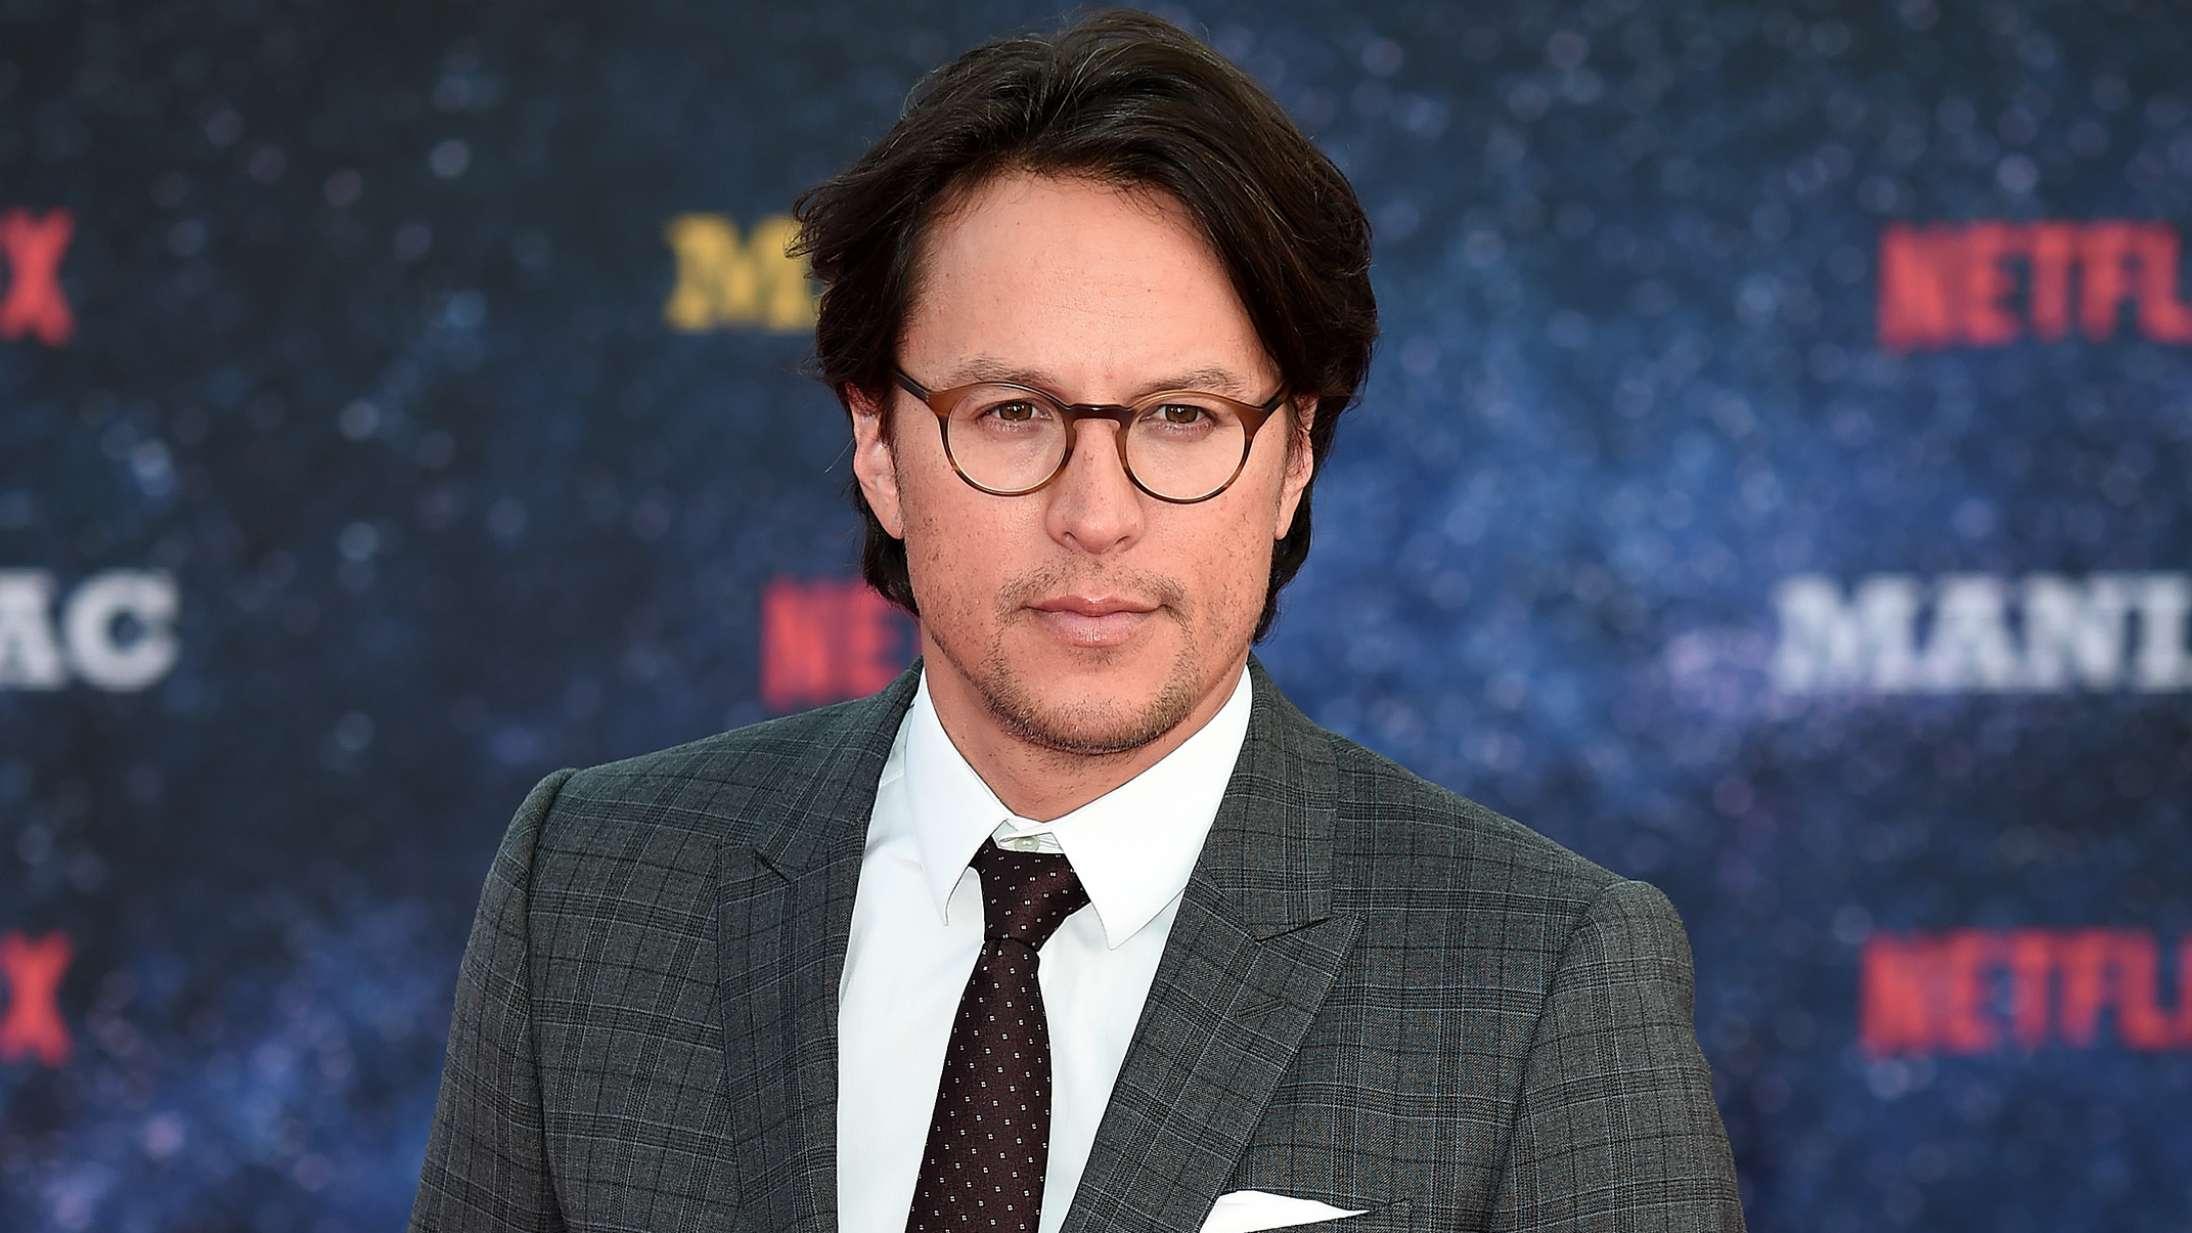 Cary Fukunaga skal instruere Steven Spielberg og Tom Hanks' nye miniserie om Anden verdenskrig